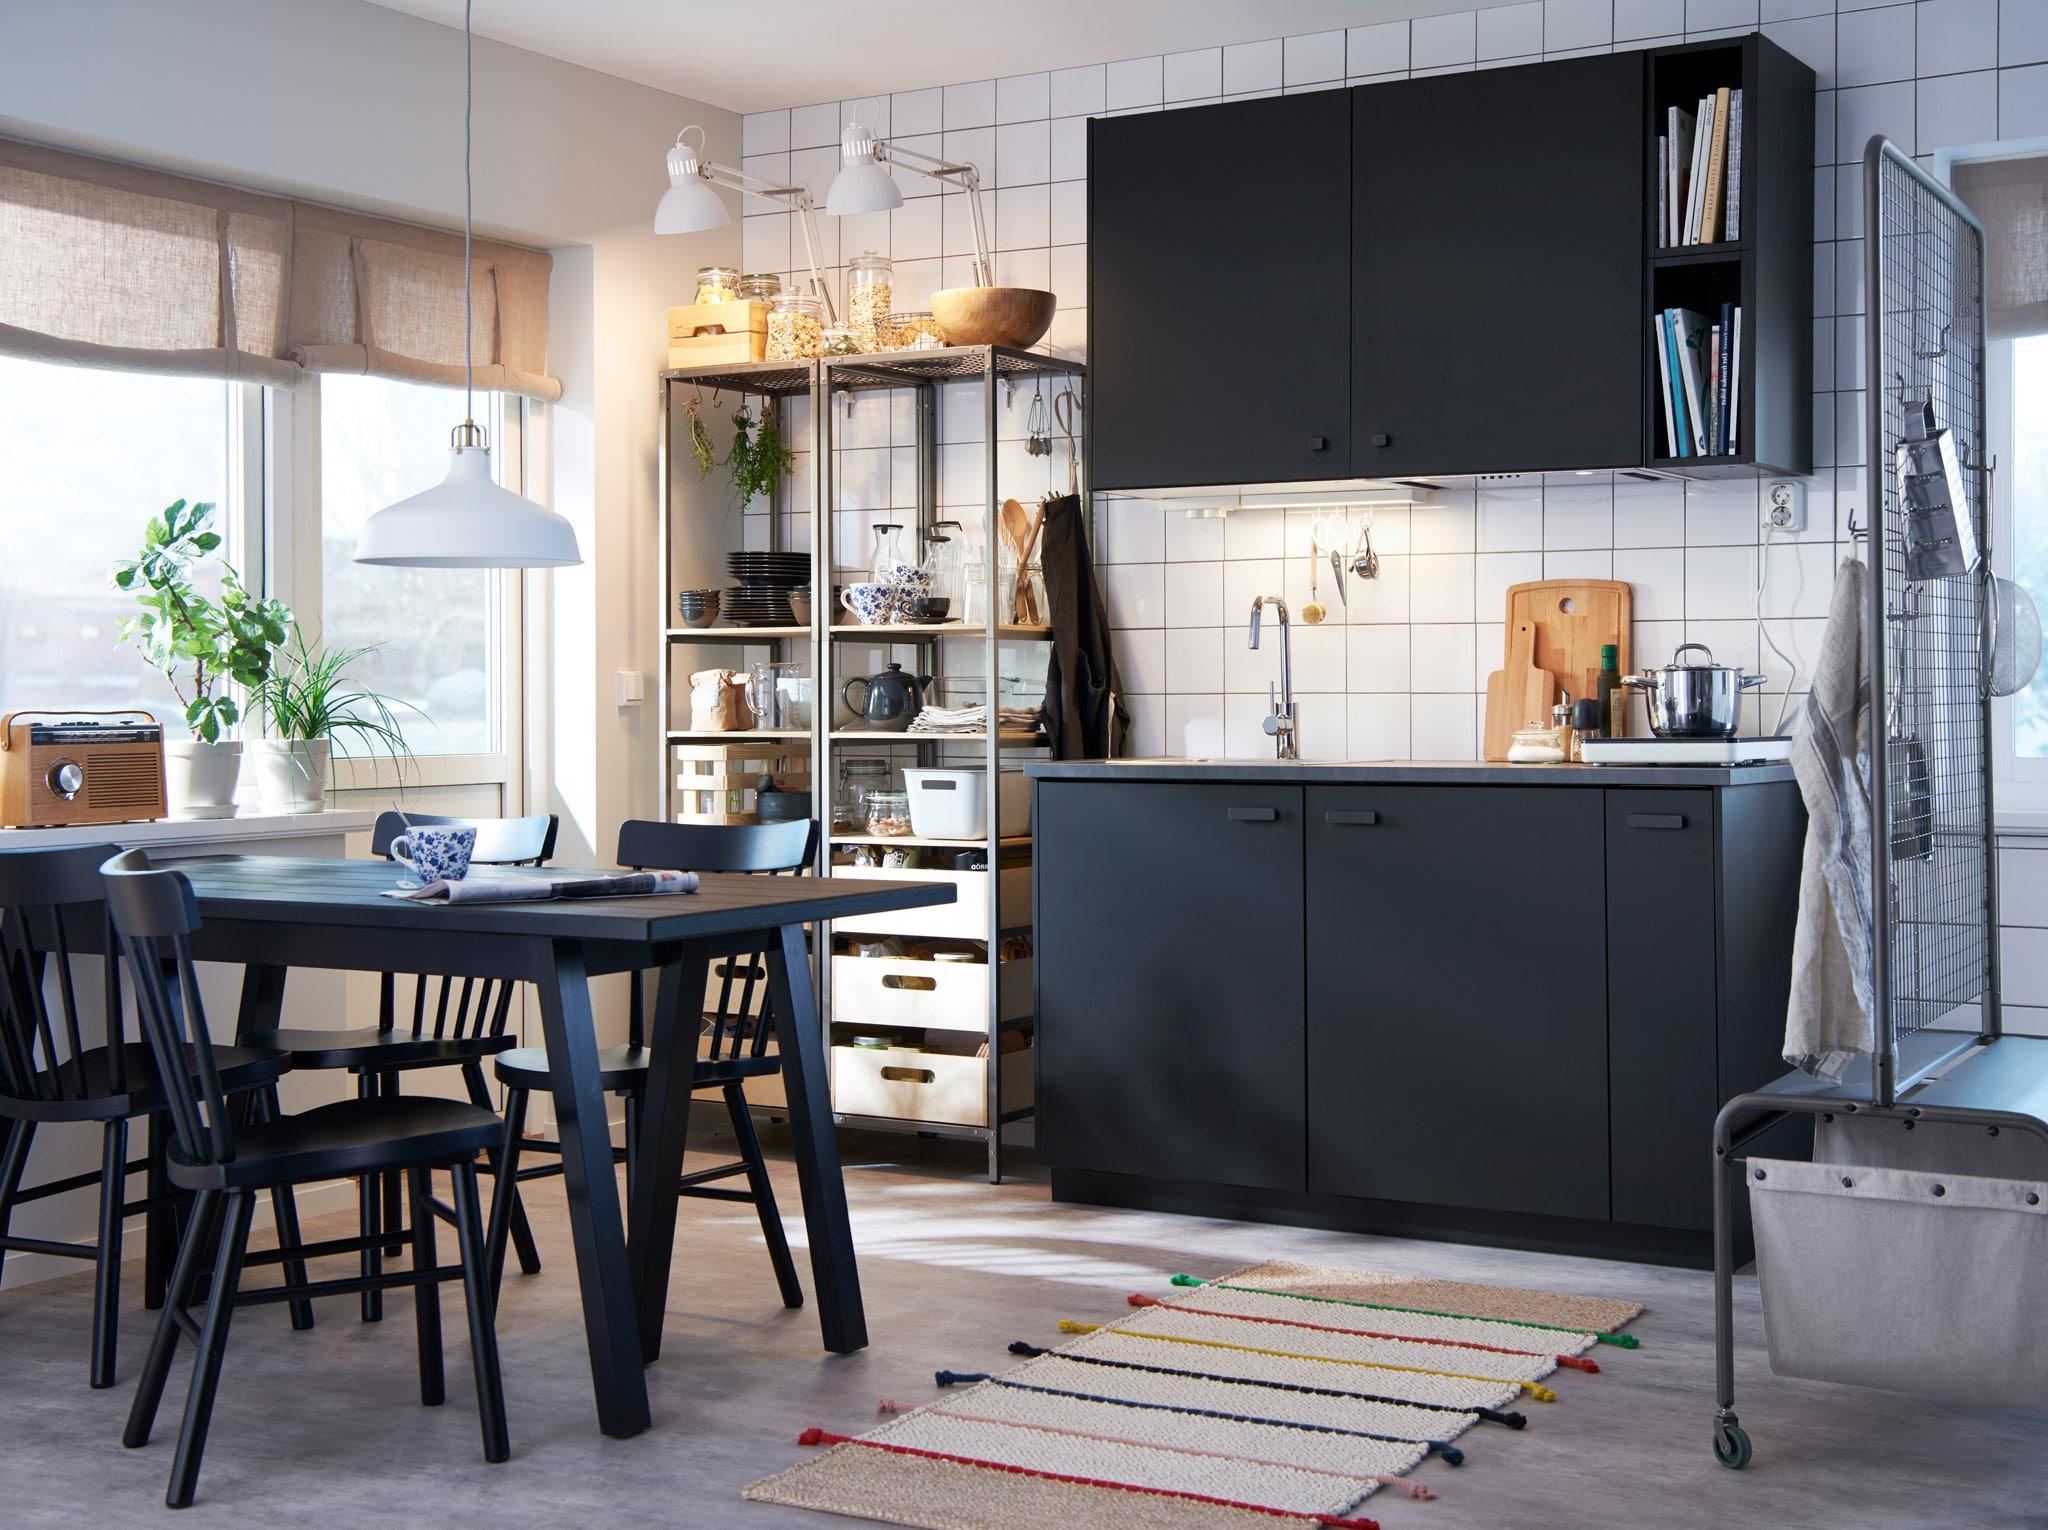 Muebles De Cocina Ikea Catalogo 9ddf Muebles De Cocina Y ...